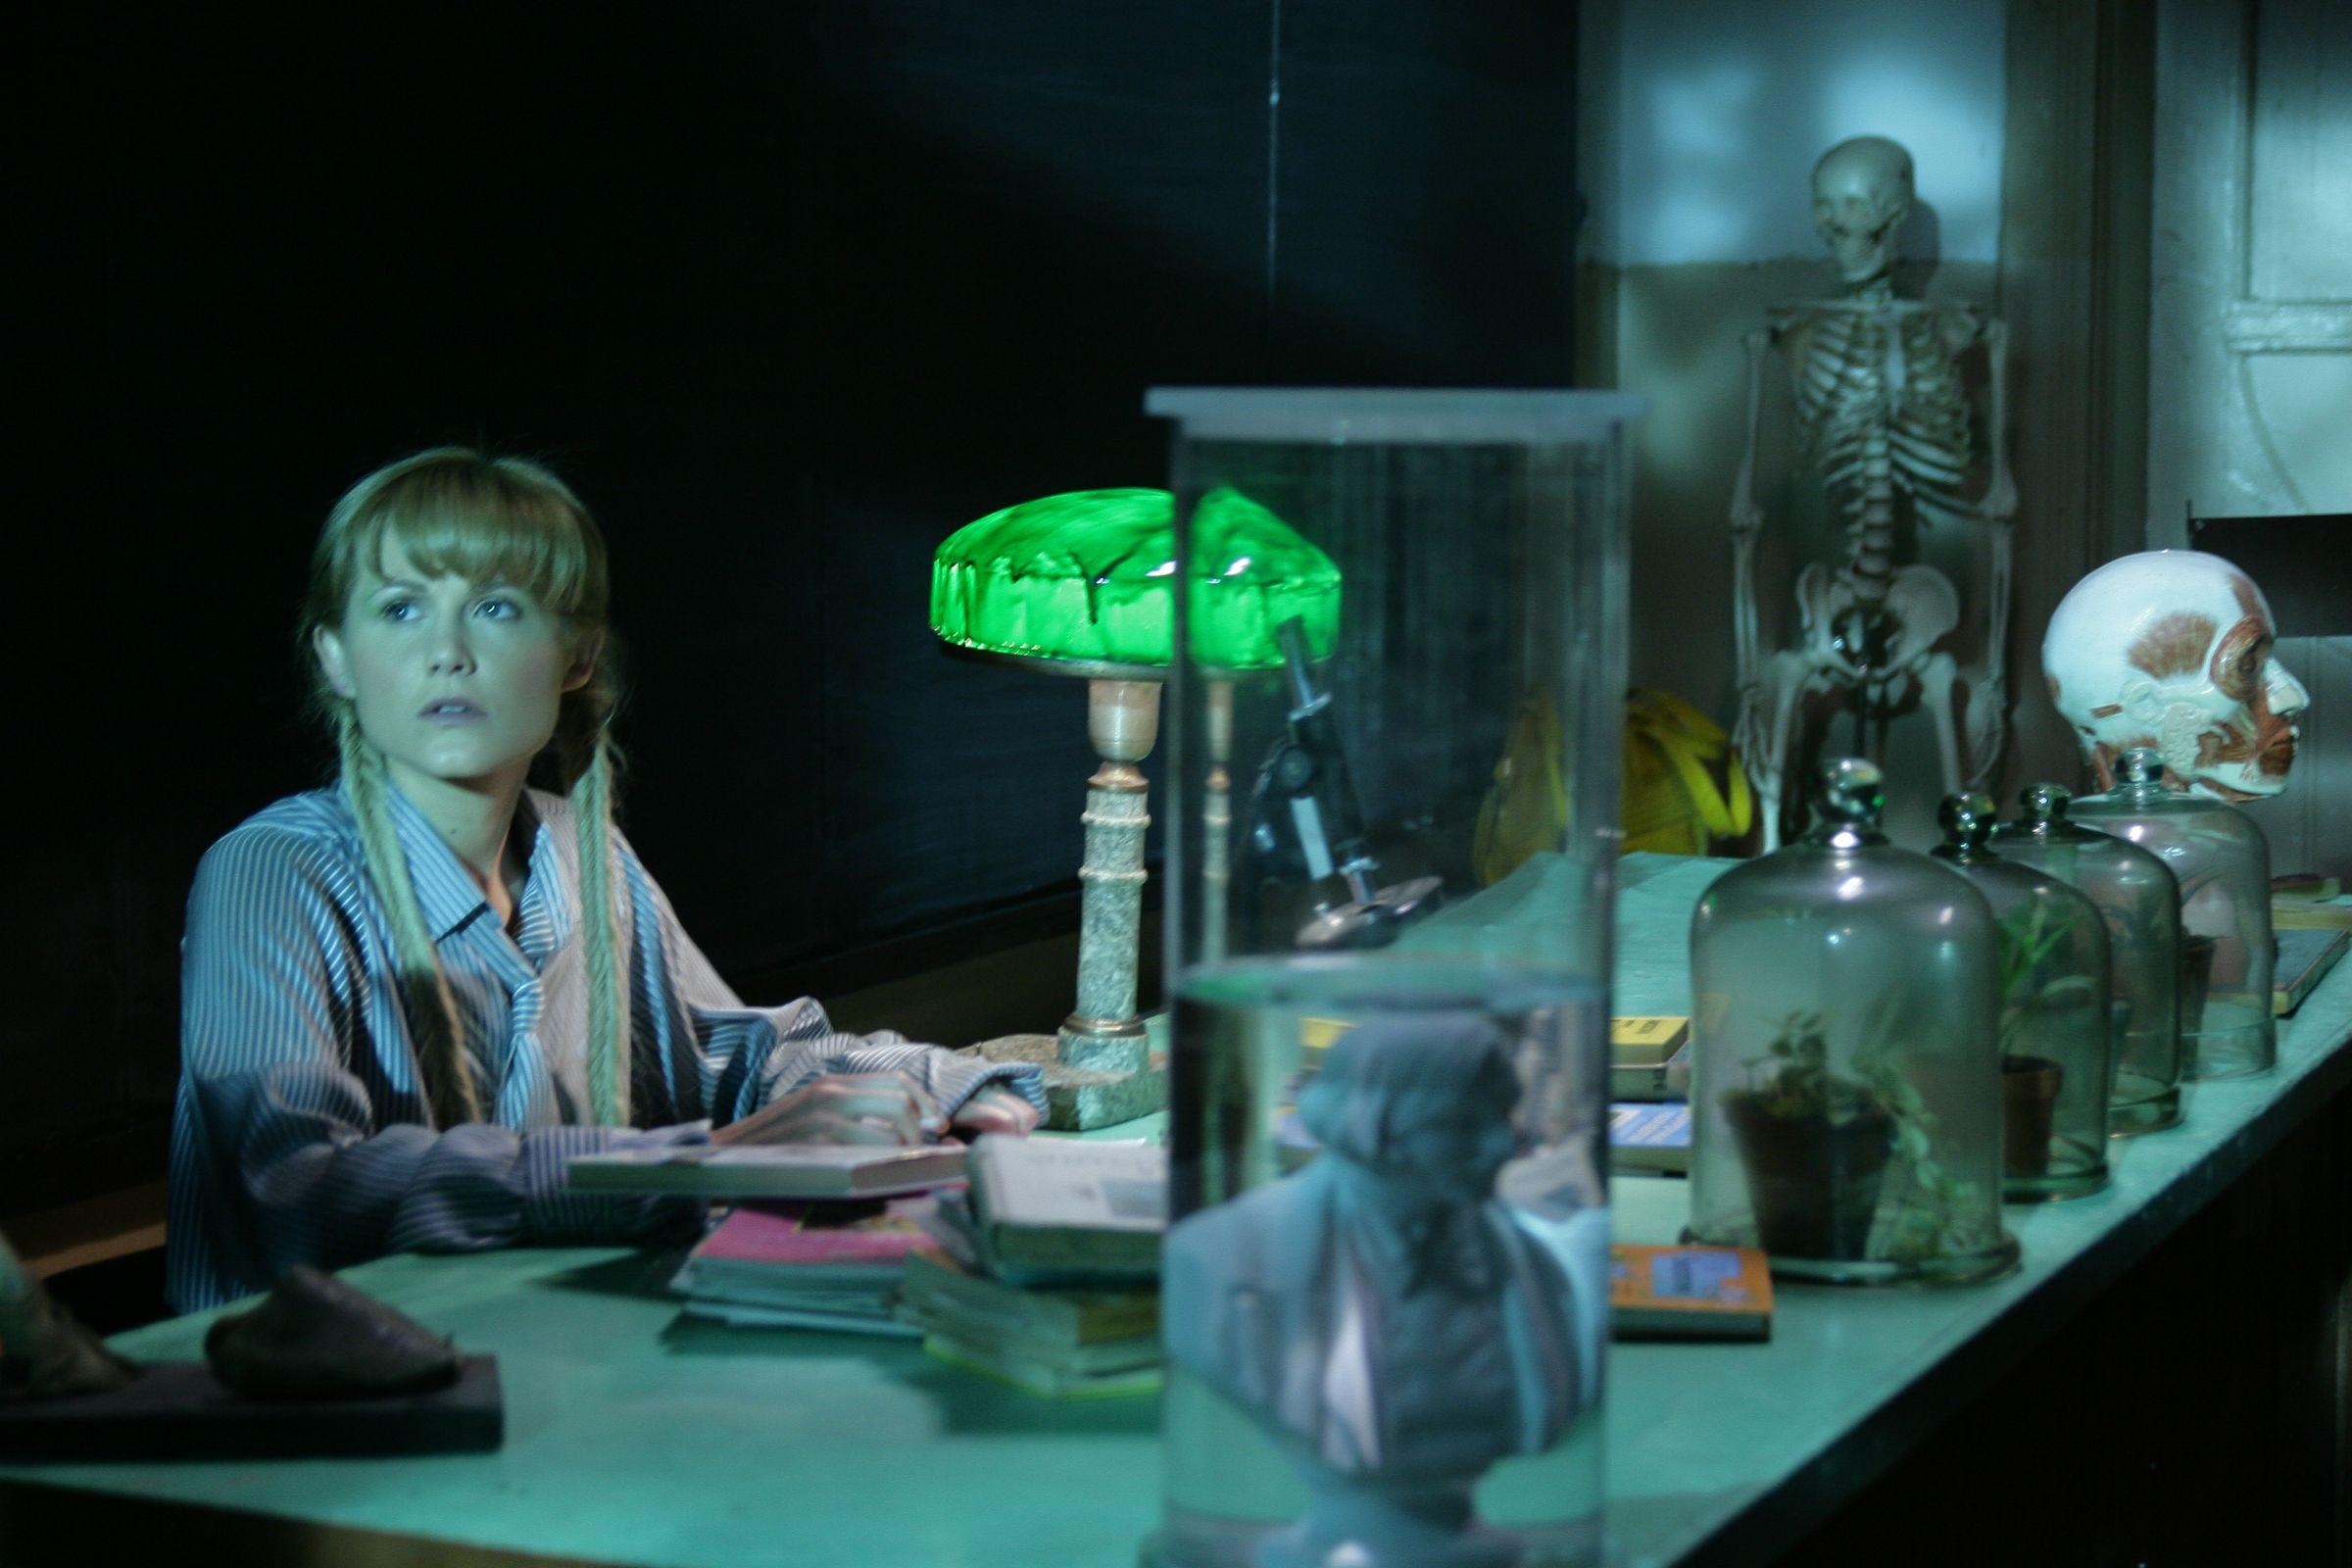 кадры из фильма Сказка. Есть